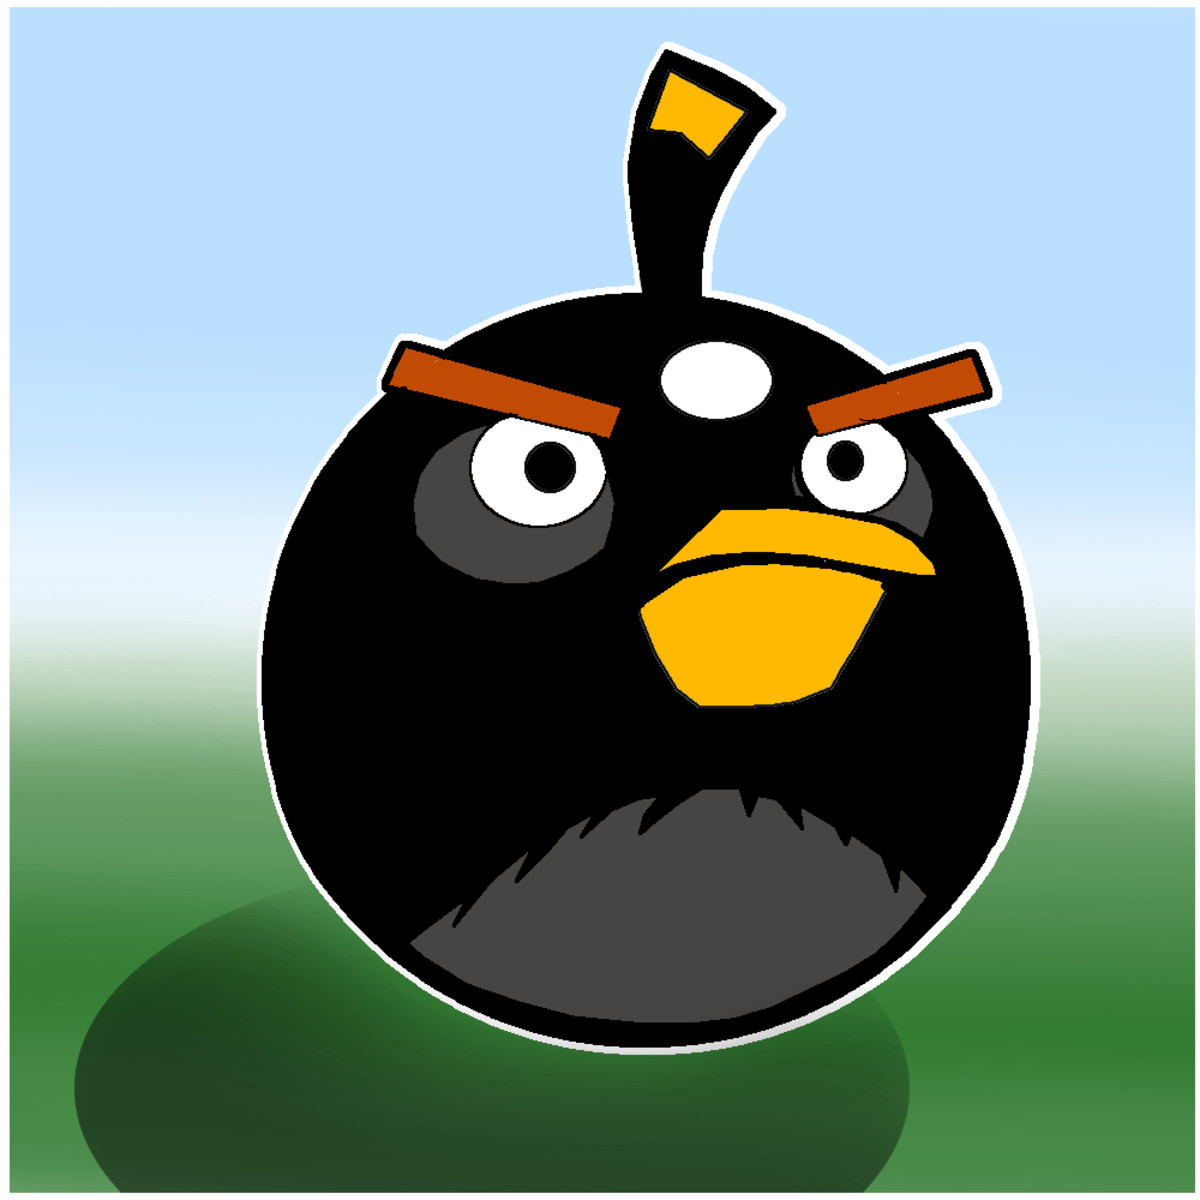 Black Angry Bird finished image.